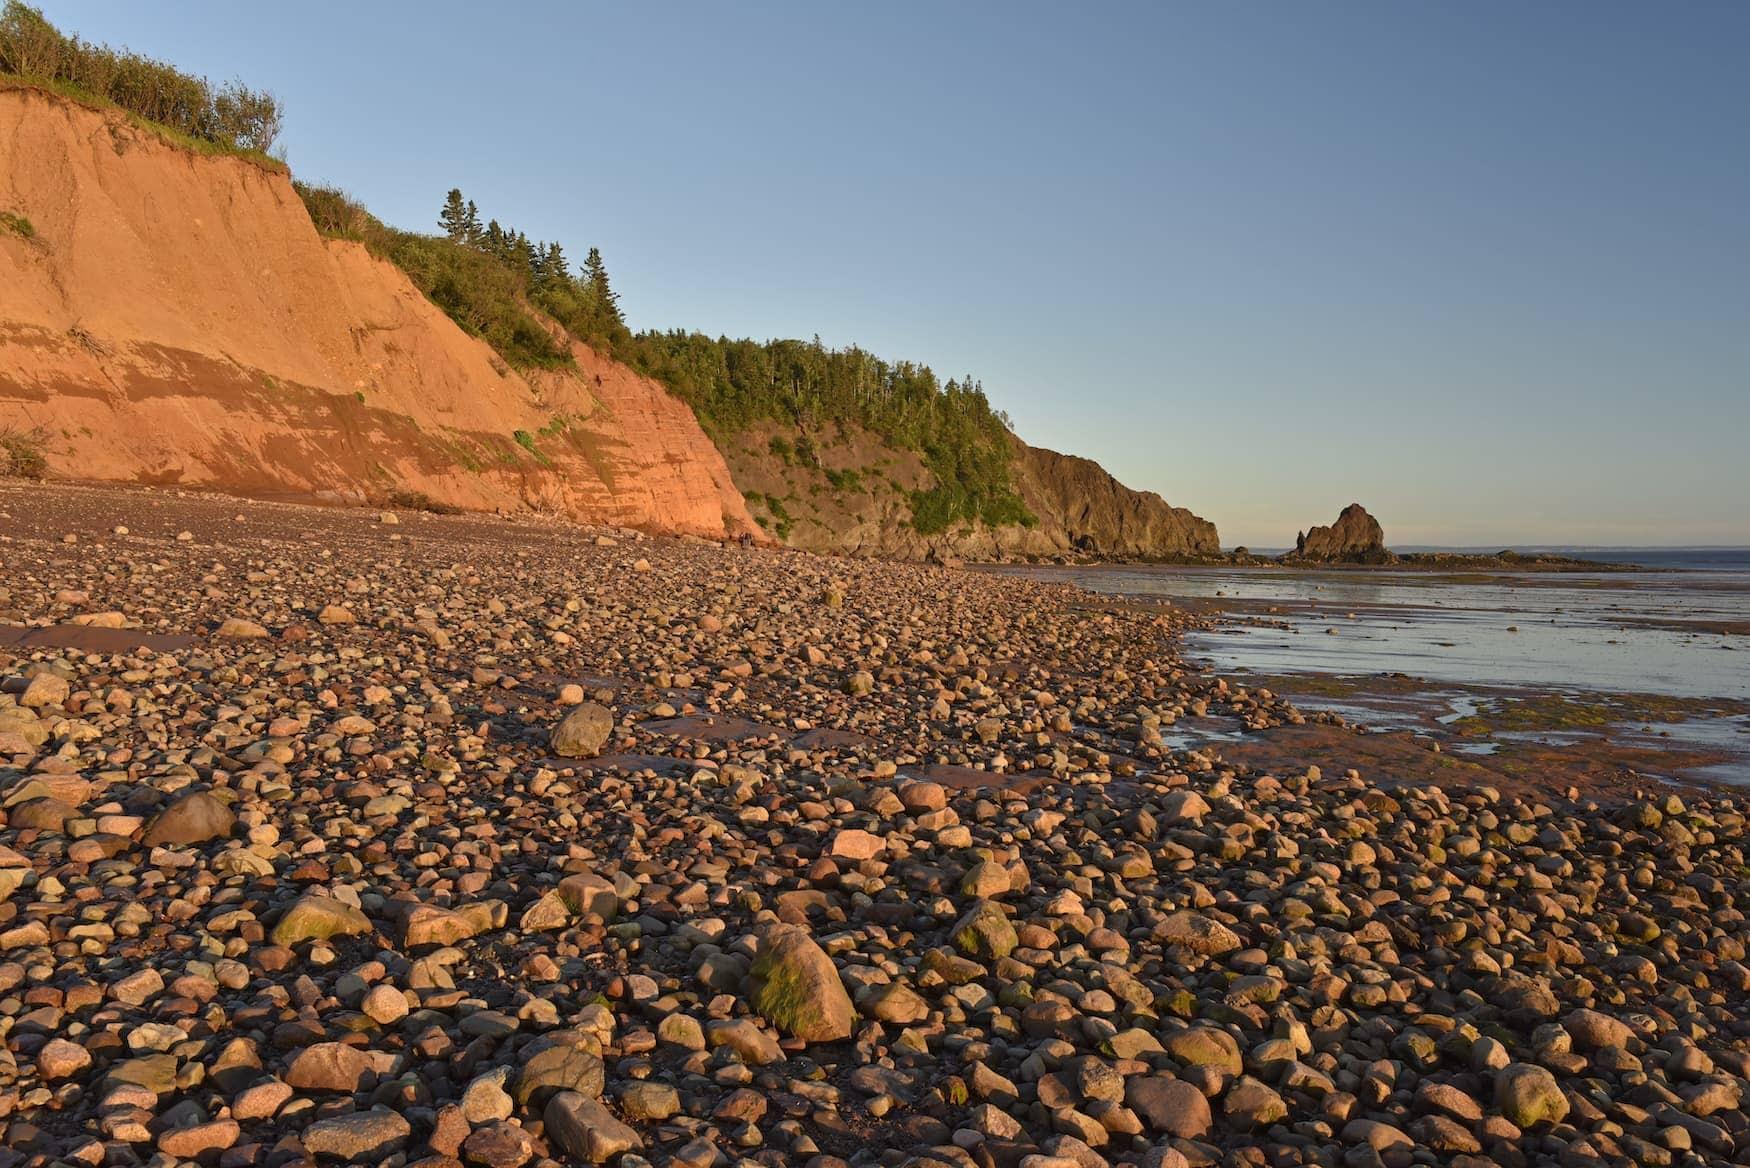 Roter Sand und Felsen an der Bay of Fundy in Kanada